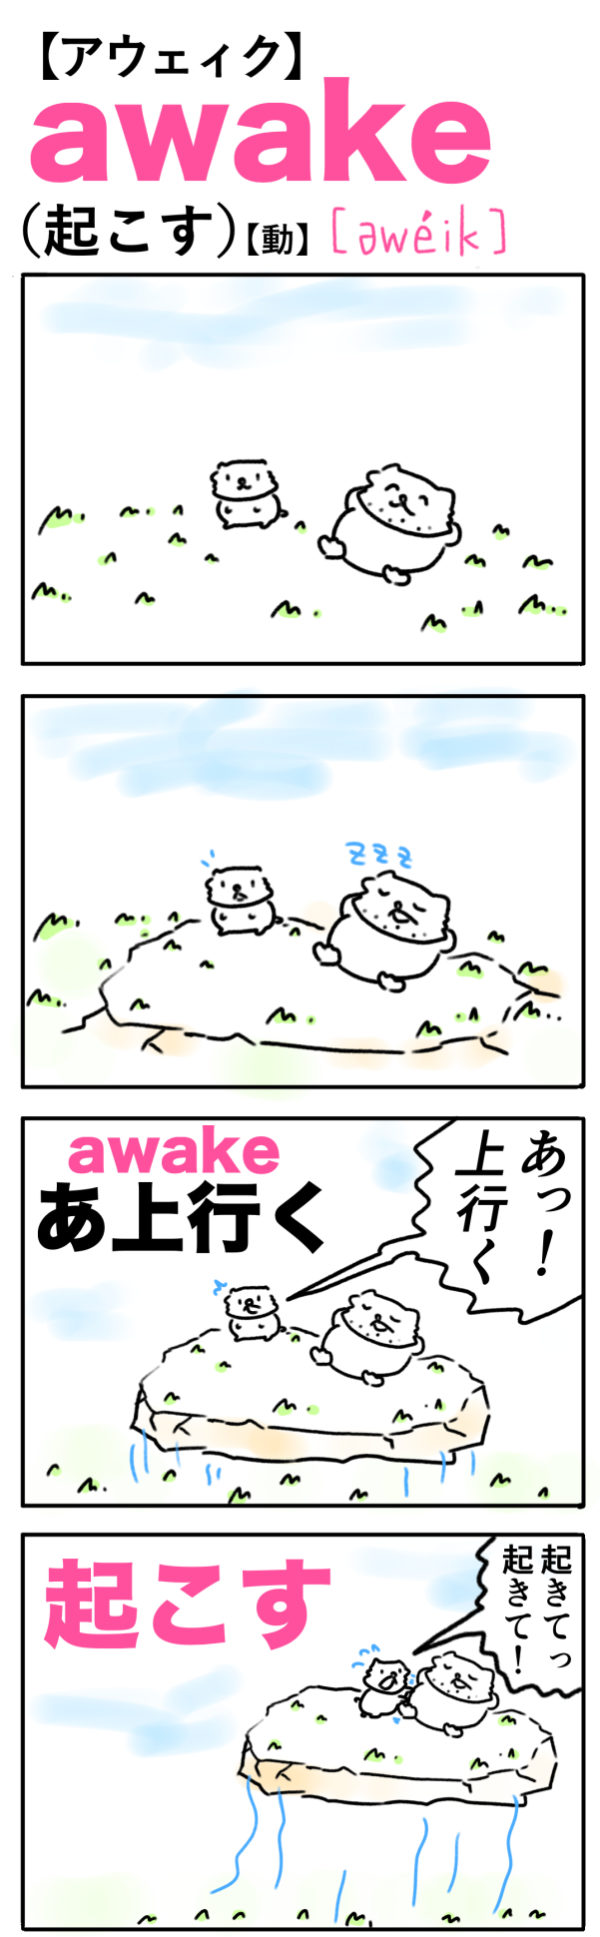 awake(起こす)の語呂合わせ英単語